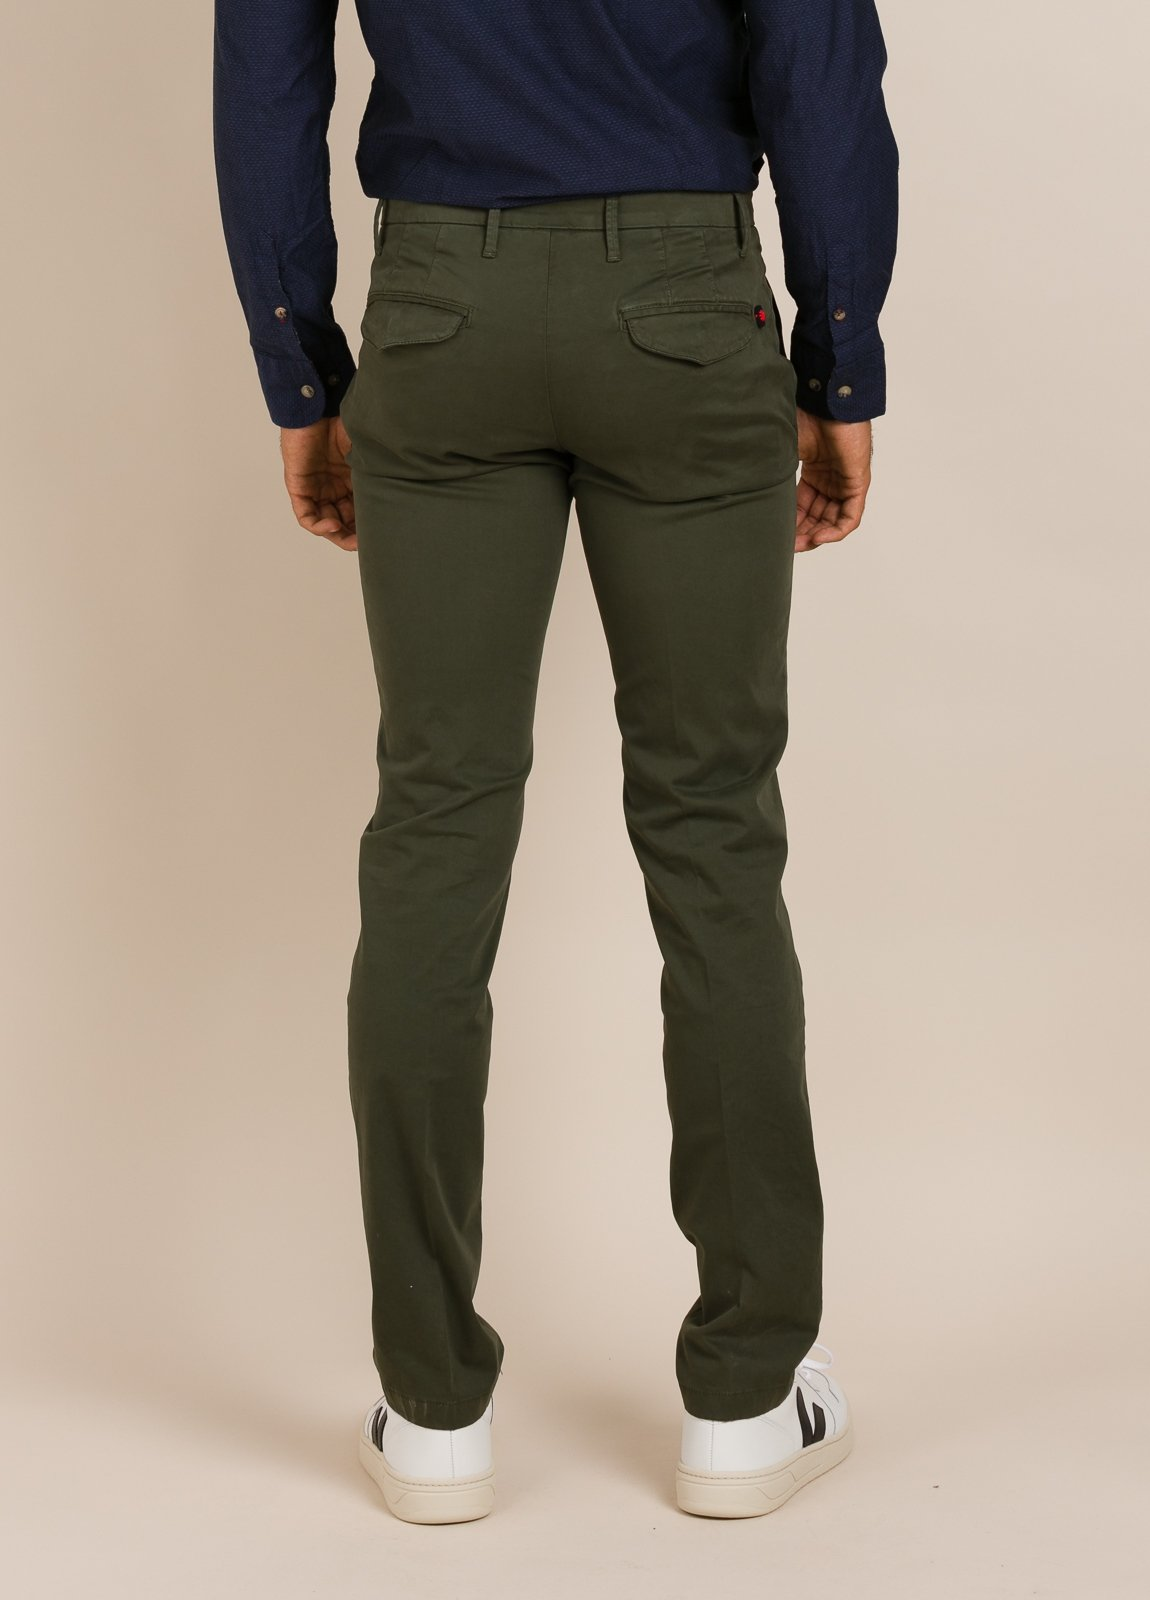 Pantalón MANUEL RITZ verde - Ítem3